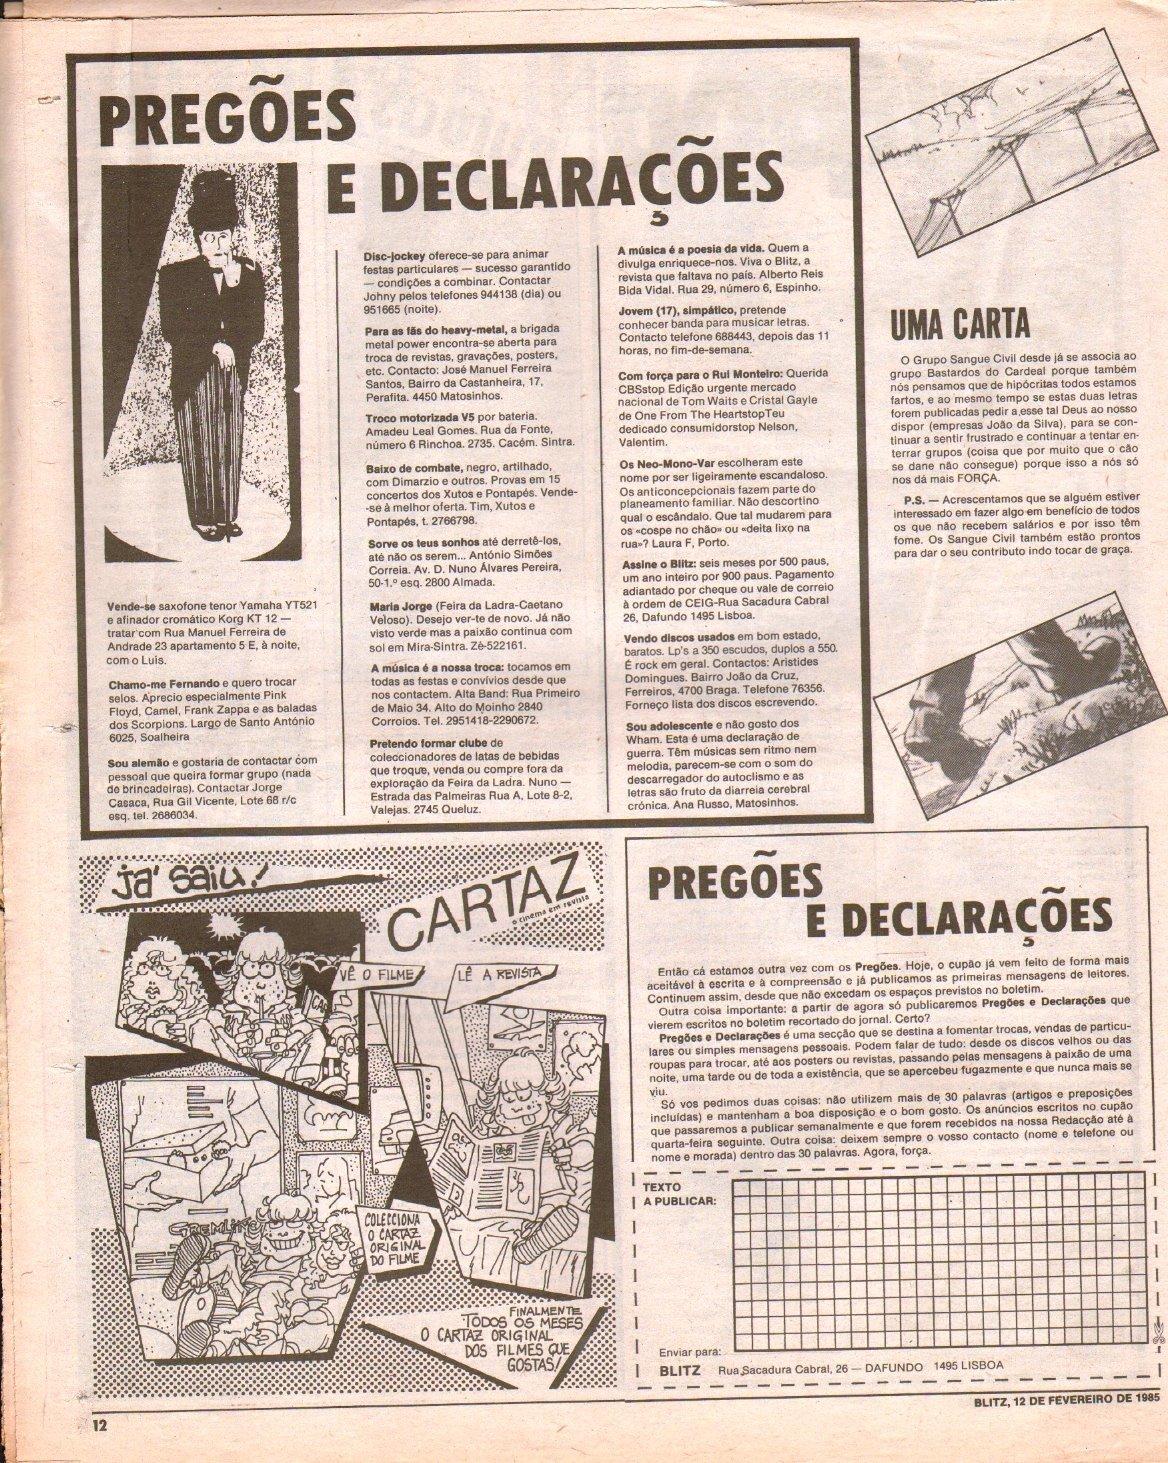 A secção Pregões e Declarações do jornal Blitz foi palco para originais mensagens de engate.